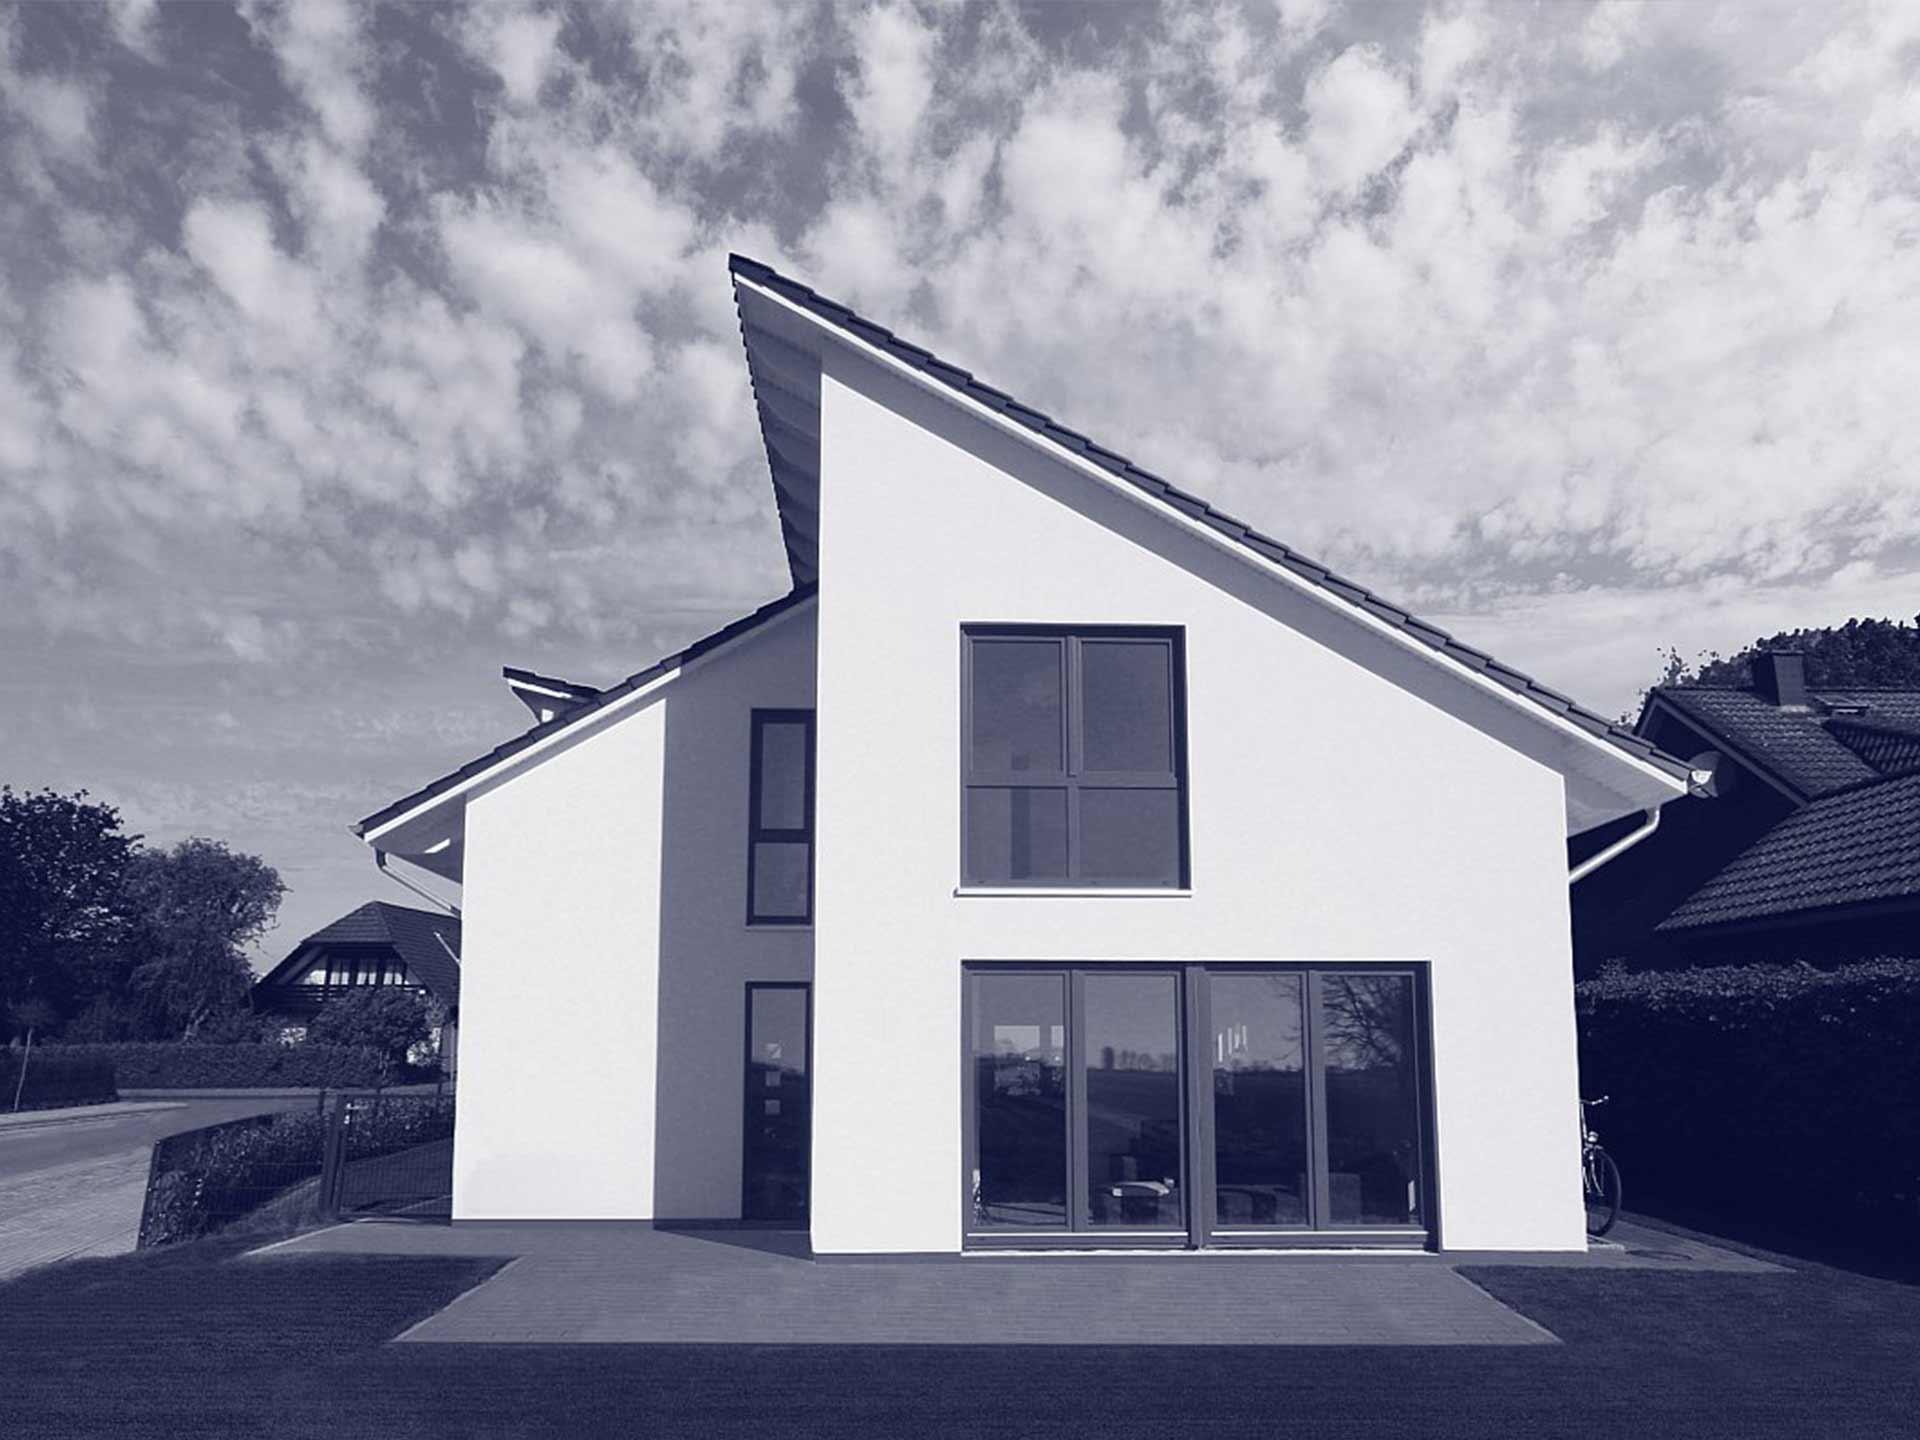 Noordhus Pultdachhaus